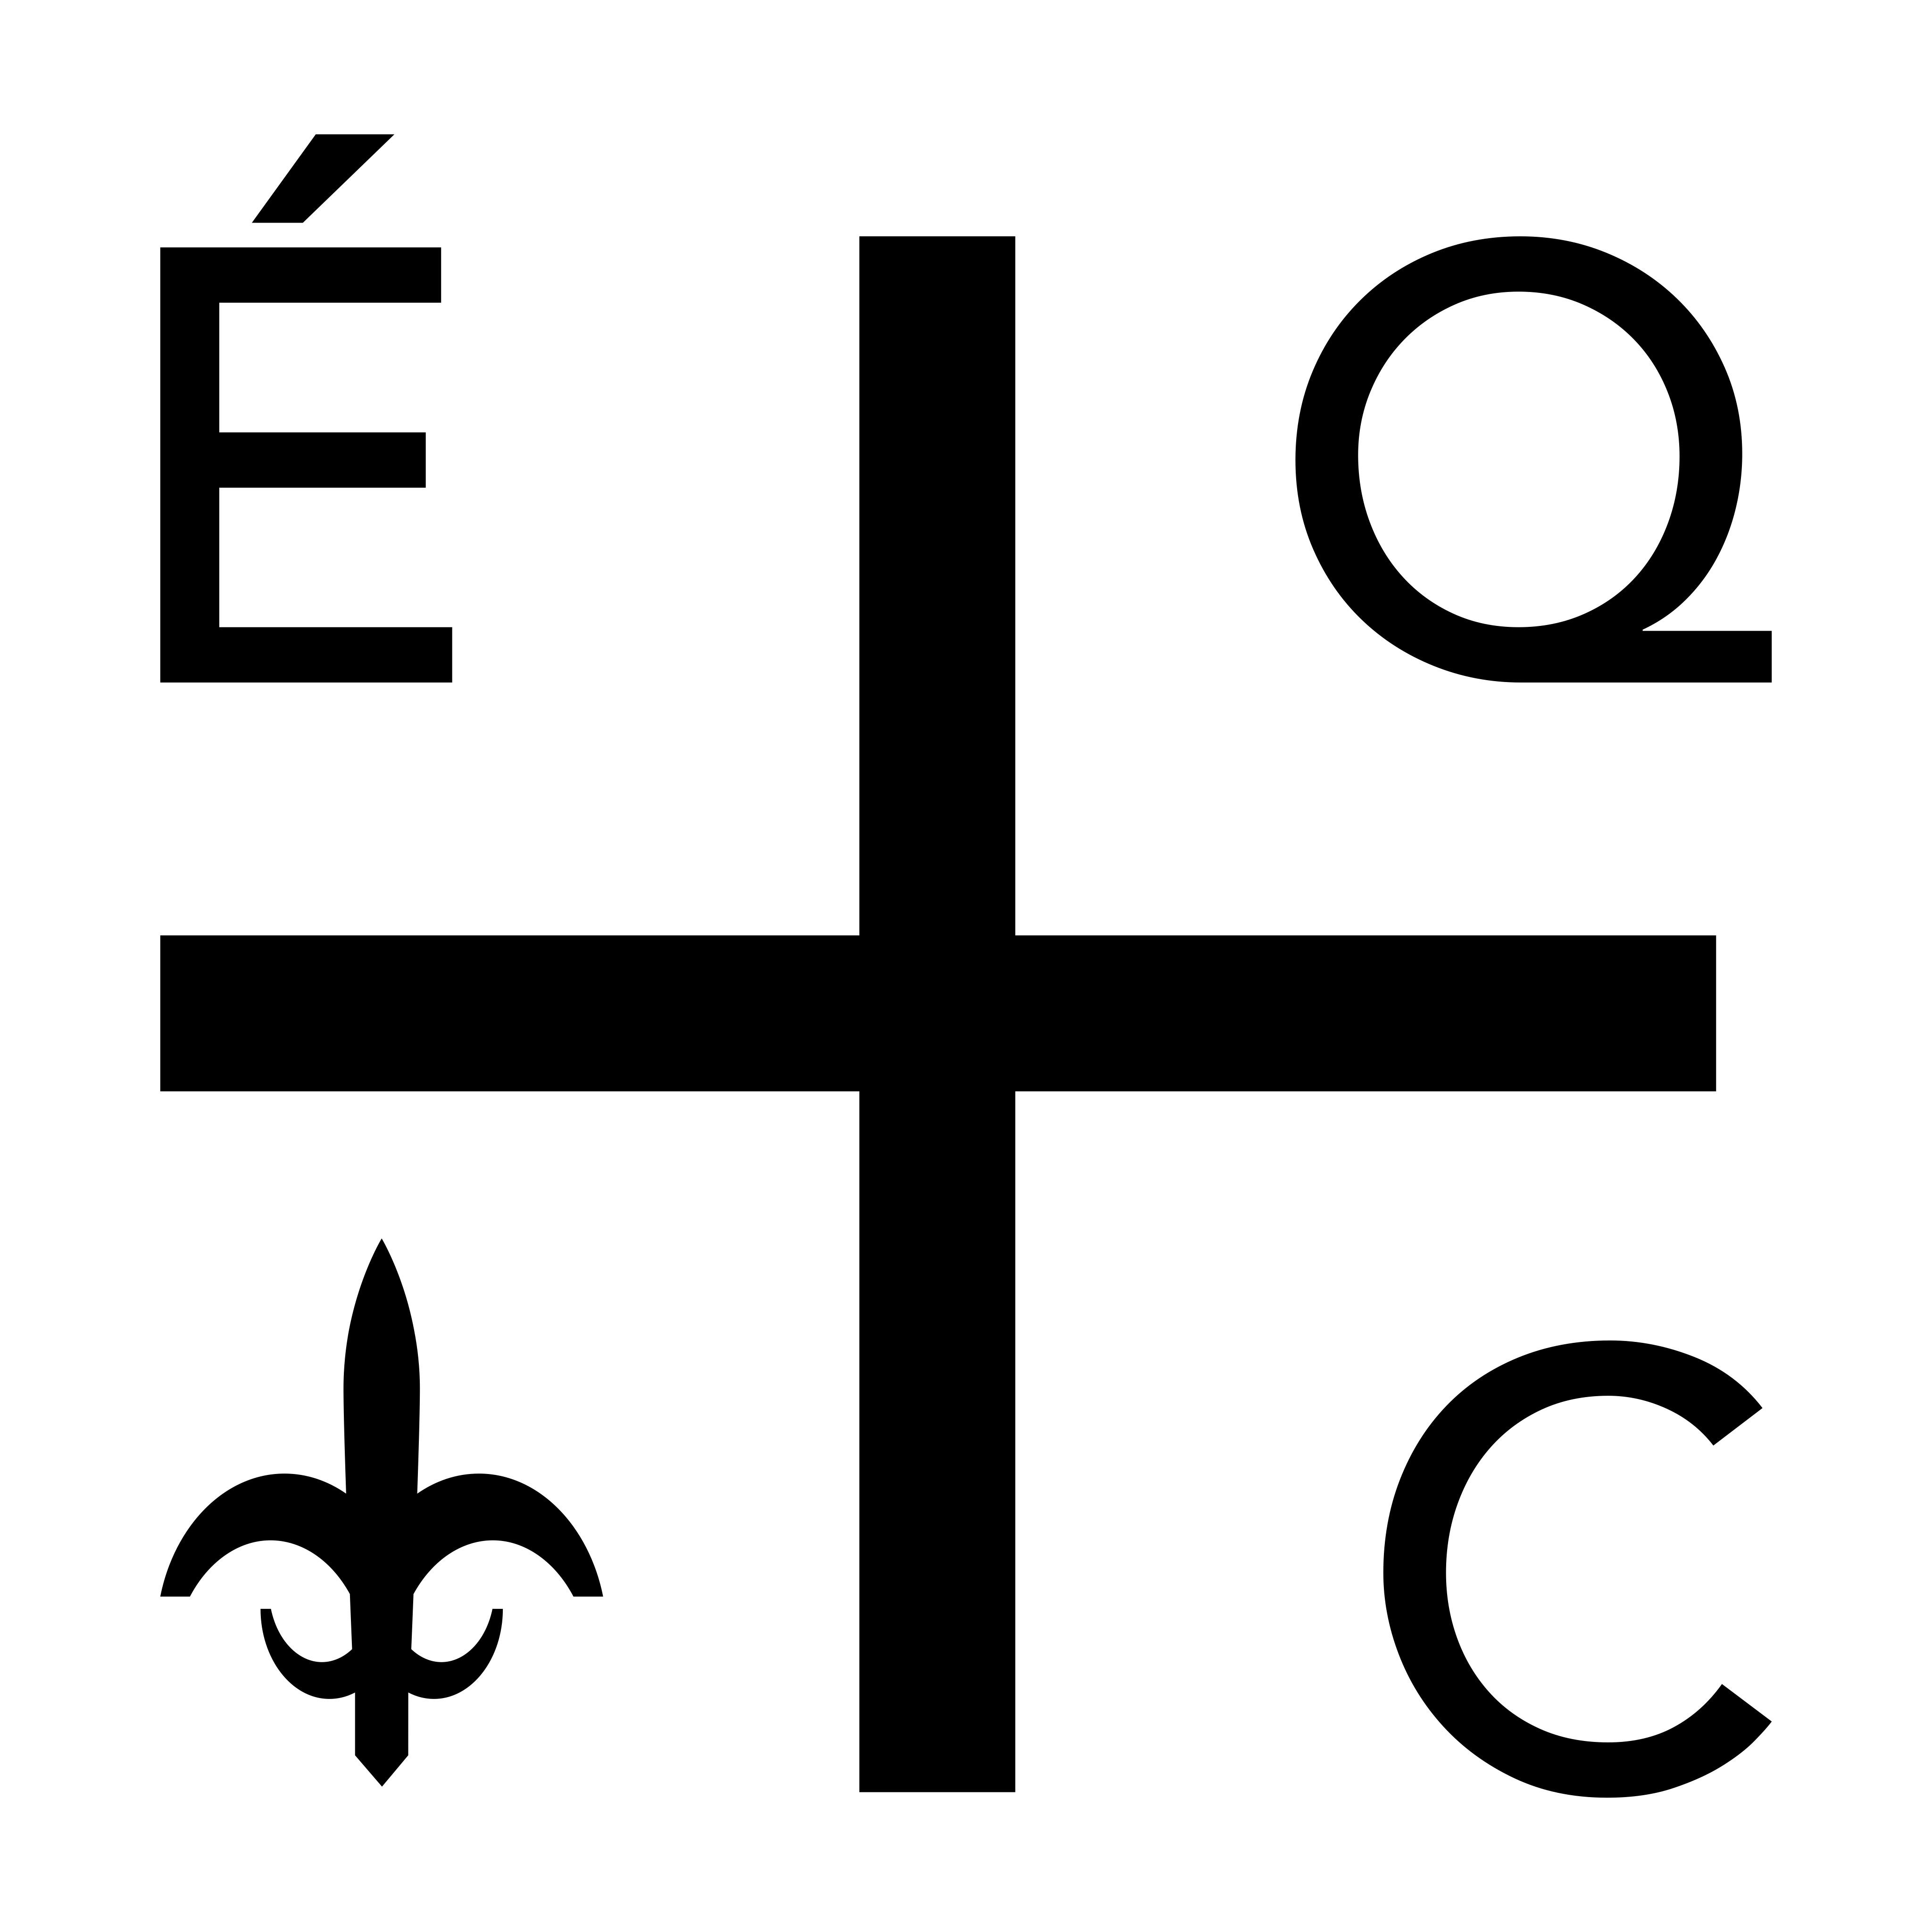 Evangile Quebec